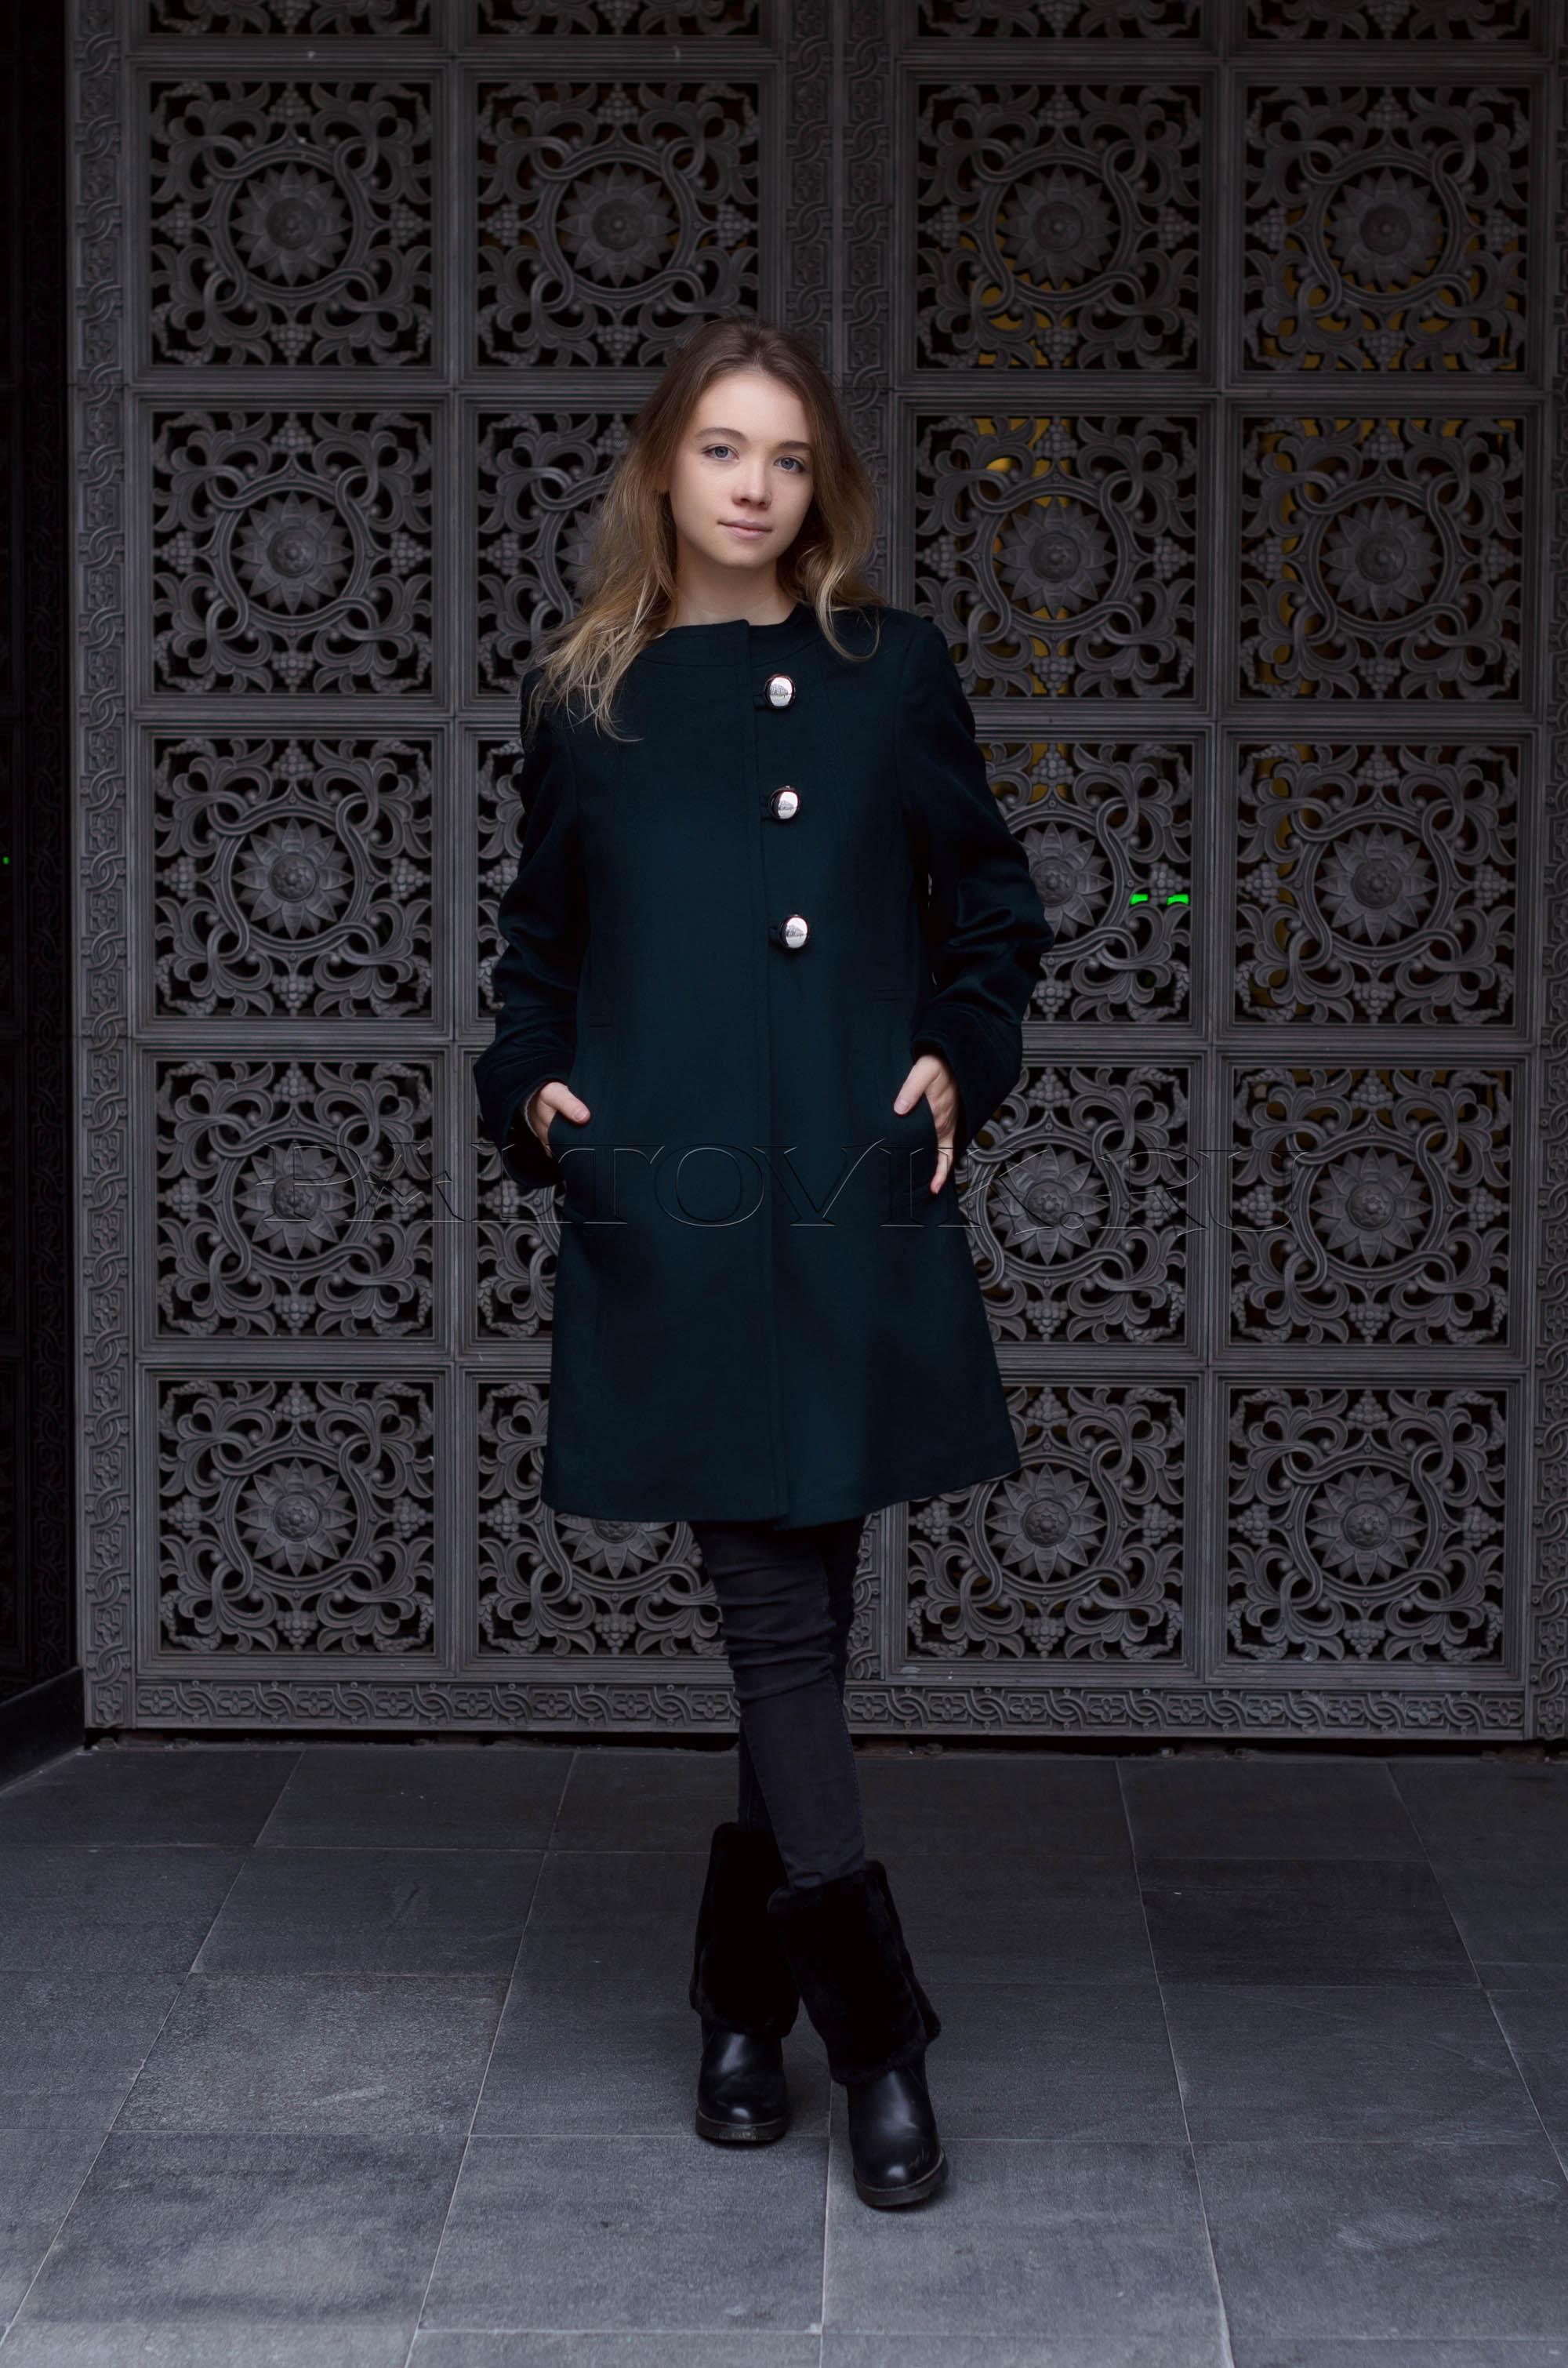 Pаltоvik роскошные демисезонные пальто для молодых и стильных. Идеальная посадка, дизайн на пике сезона, трендовые цвета